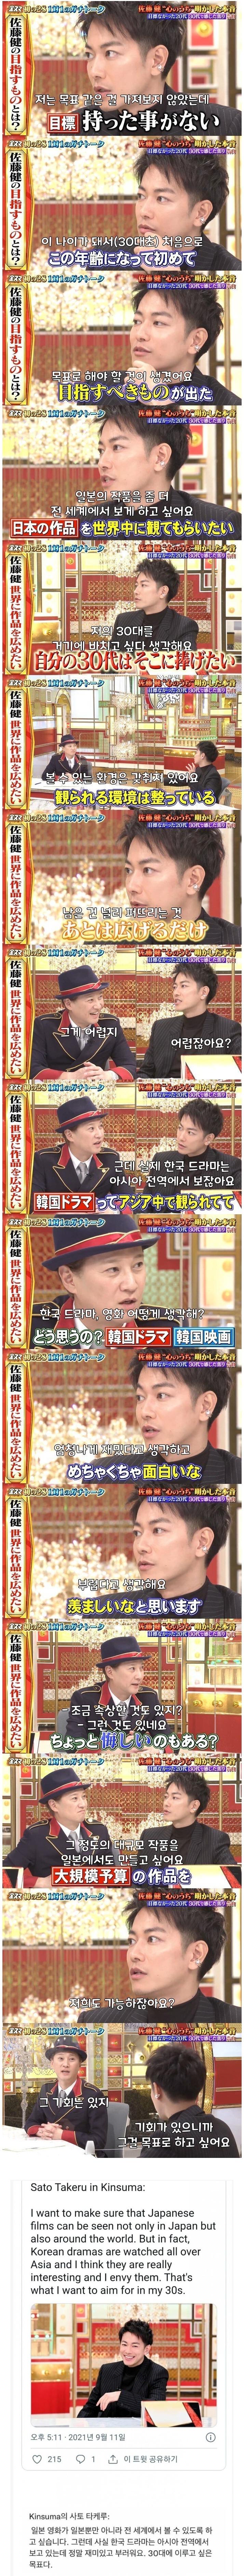 한국 드라마가 부럽다는 일본 남자배우